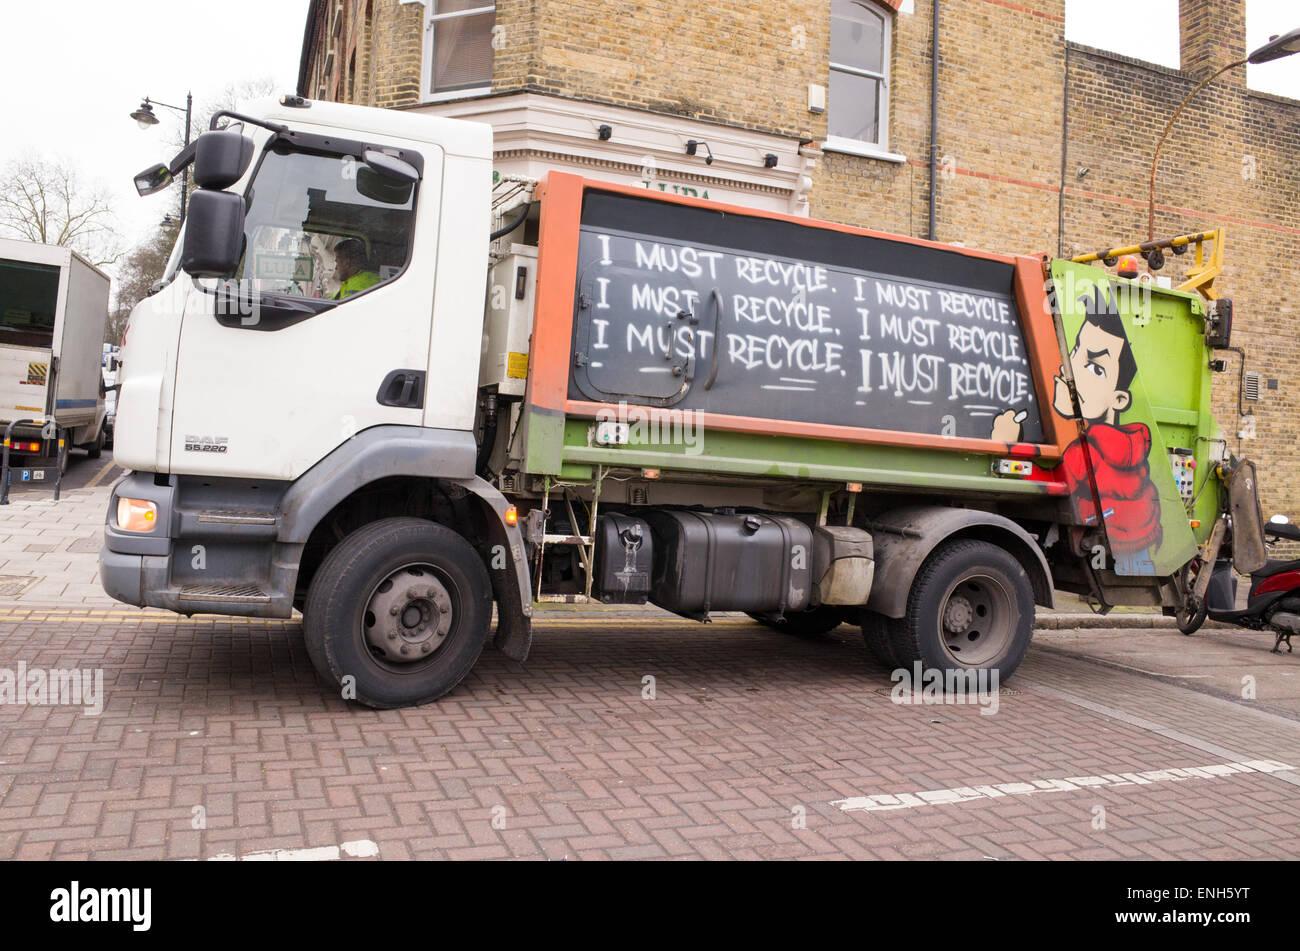 Il riciclaggio autocarro, London, England, Regno Unito Immagini Stock